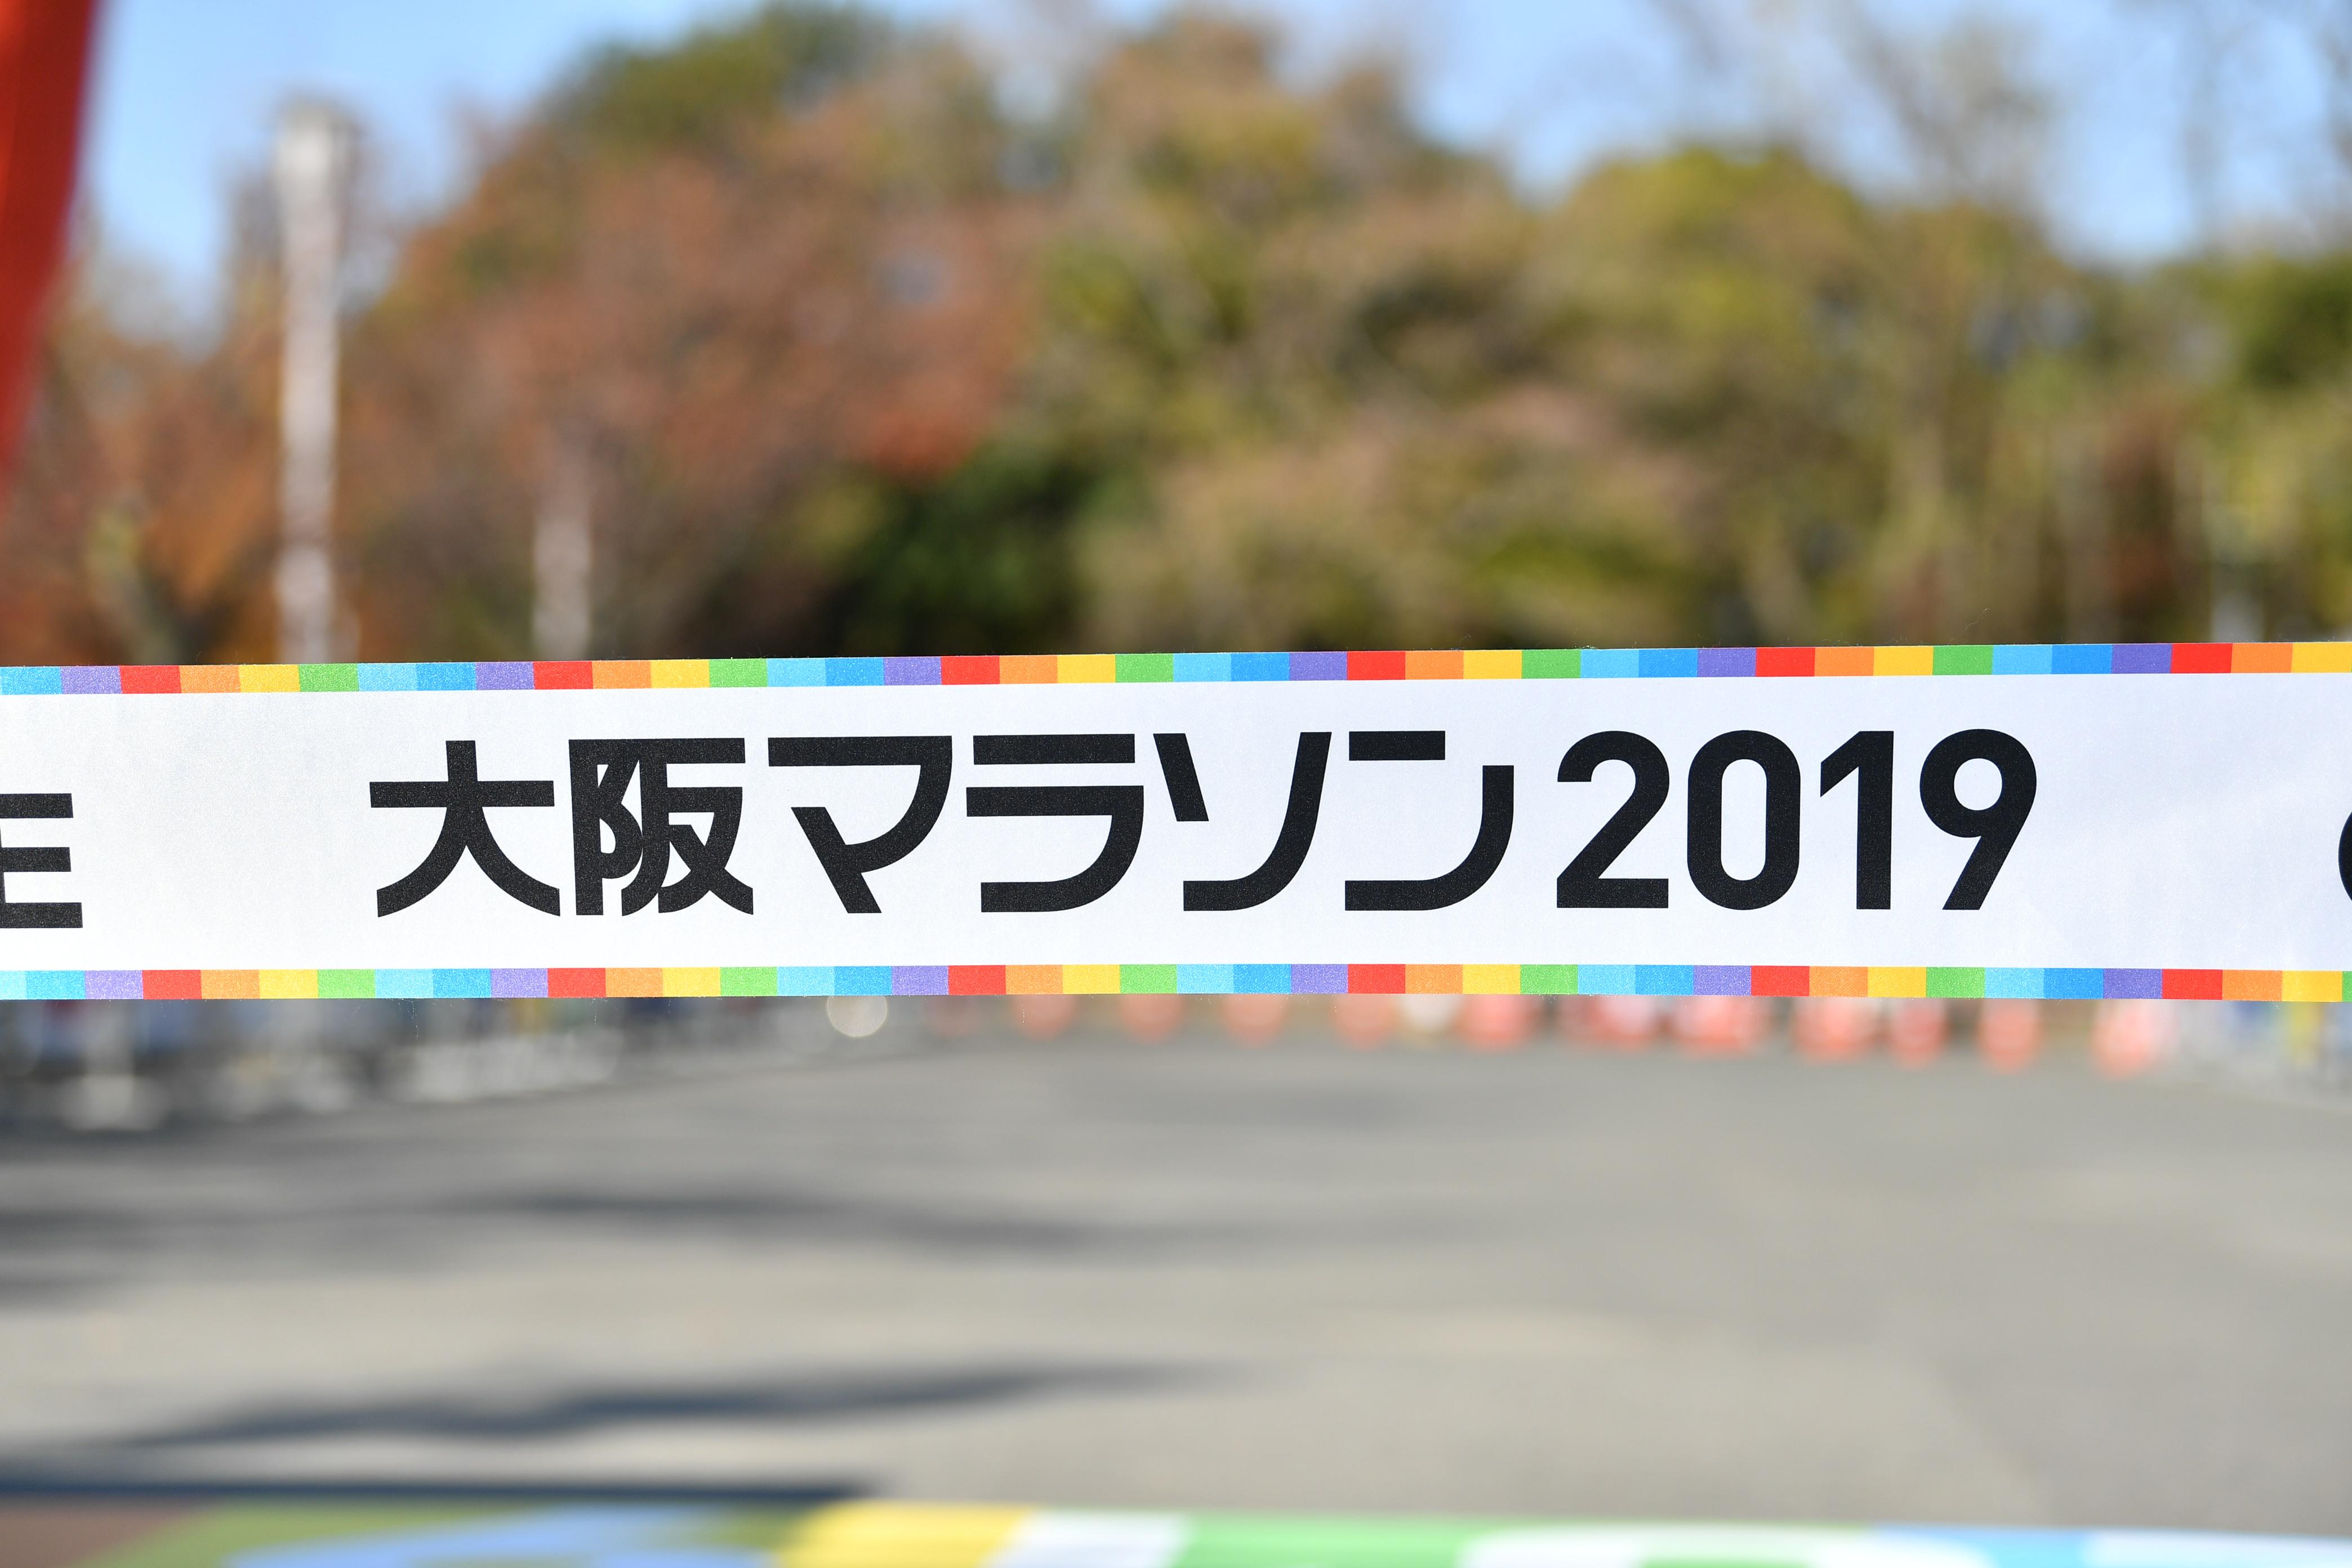 「大阪マラソン」に参加